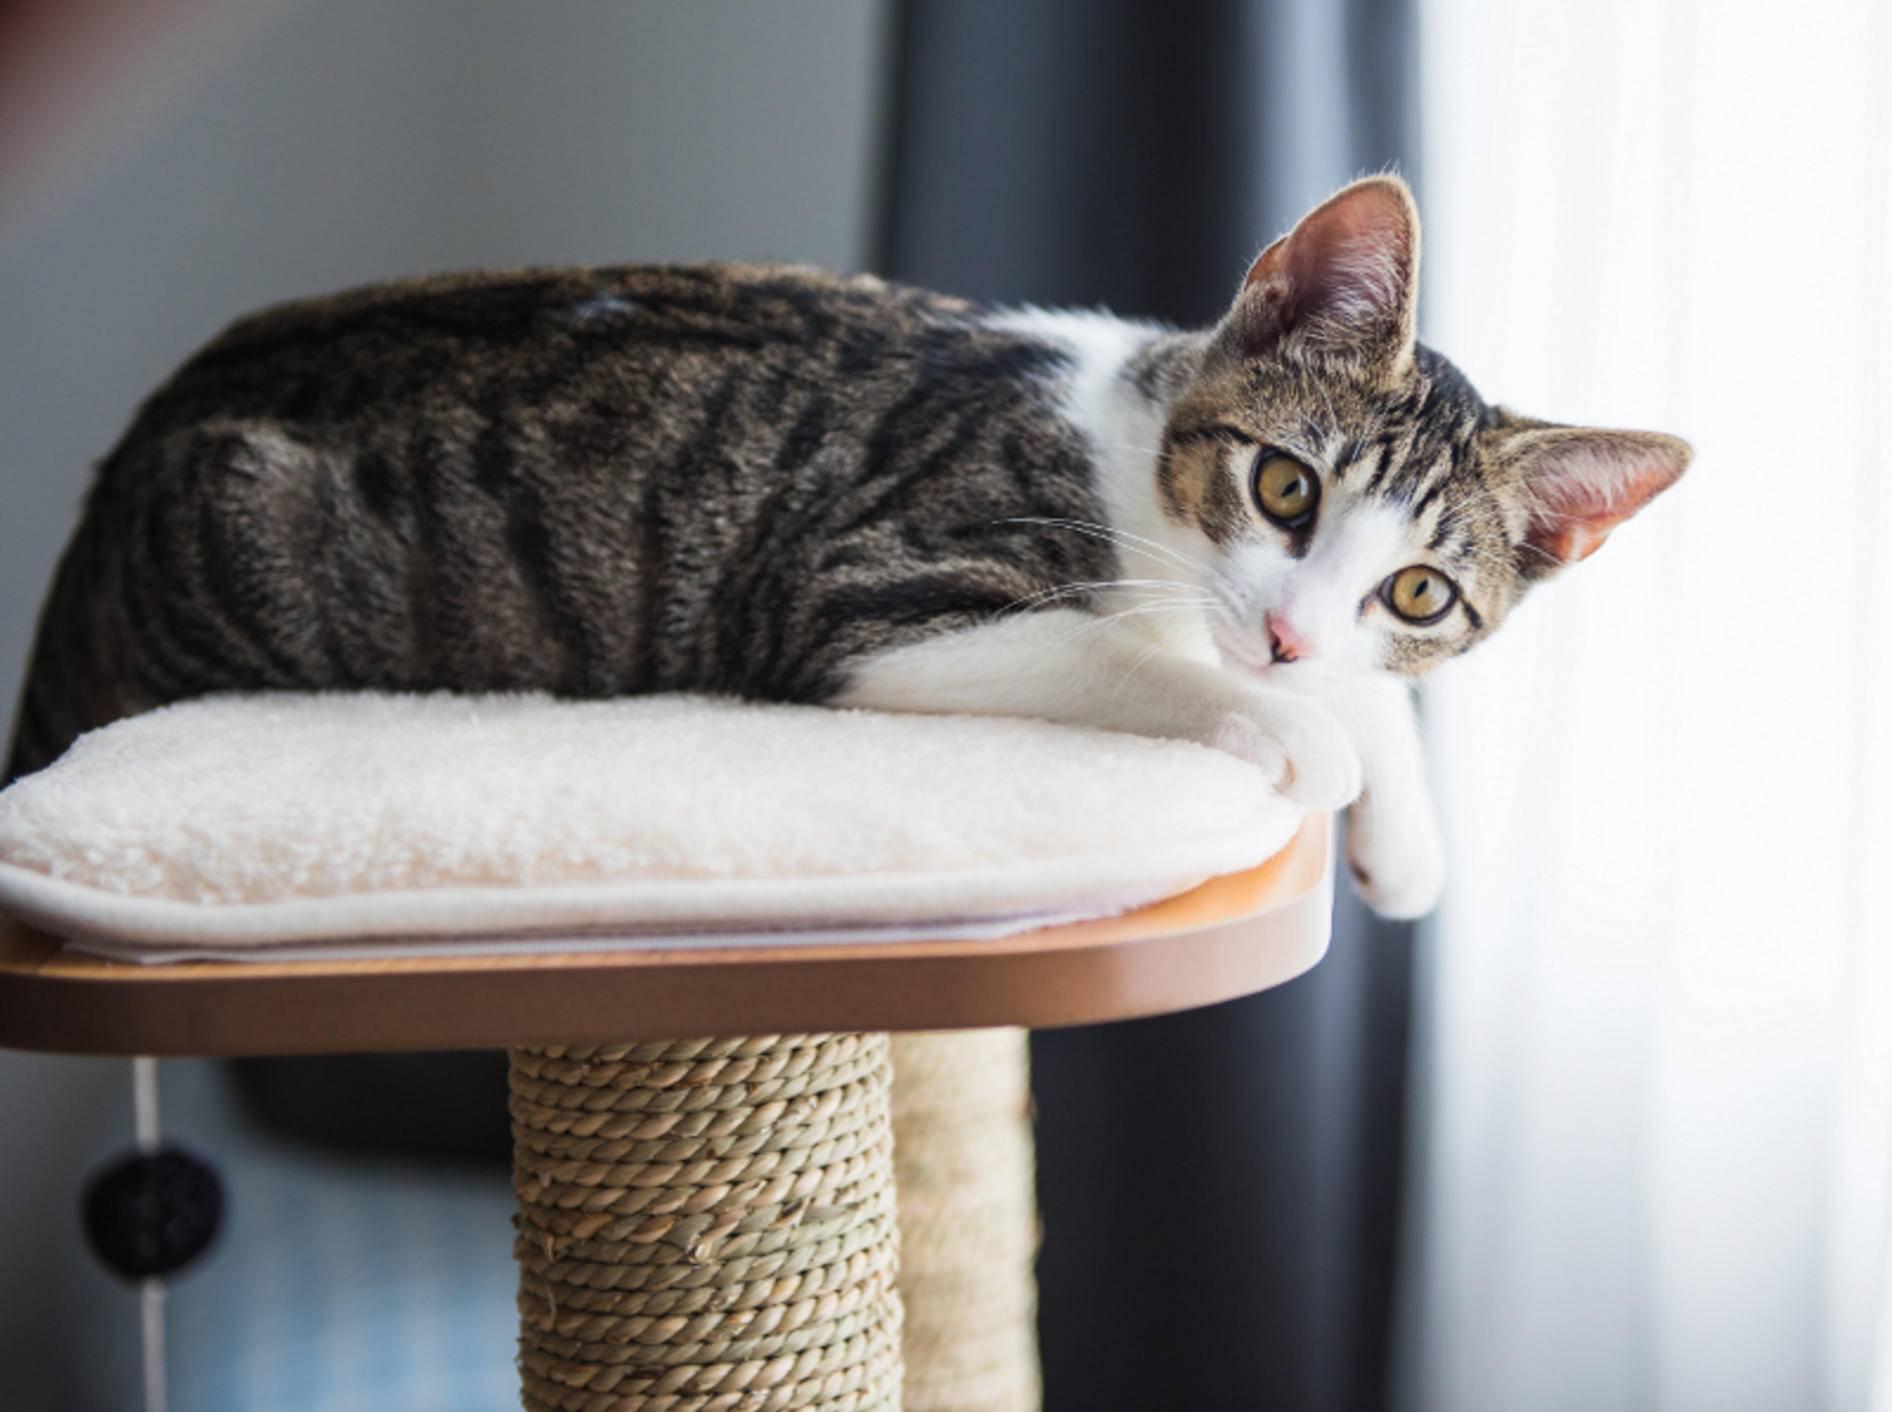 Jeder Katzenhaushalt sollte über mindestens einen guten Kratzbaum verfügen, auf dem es sich die Fellschnuten gemütlich machen können – Shutterstock / Anna Hoychuk